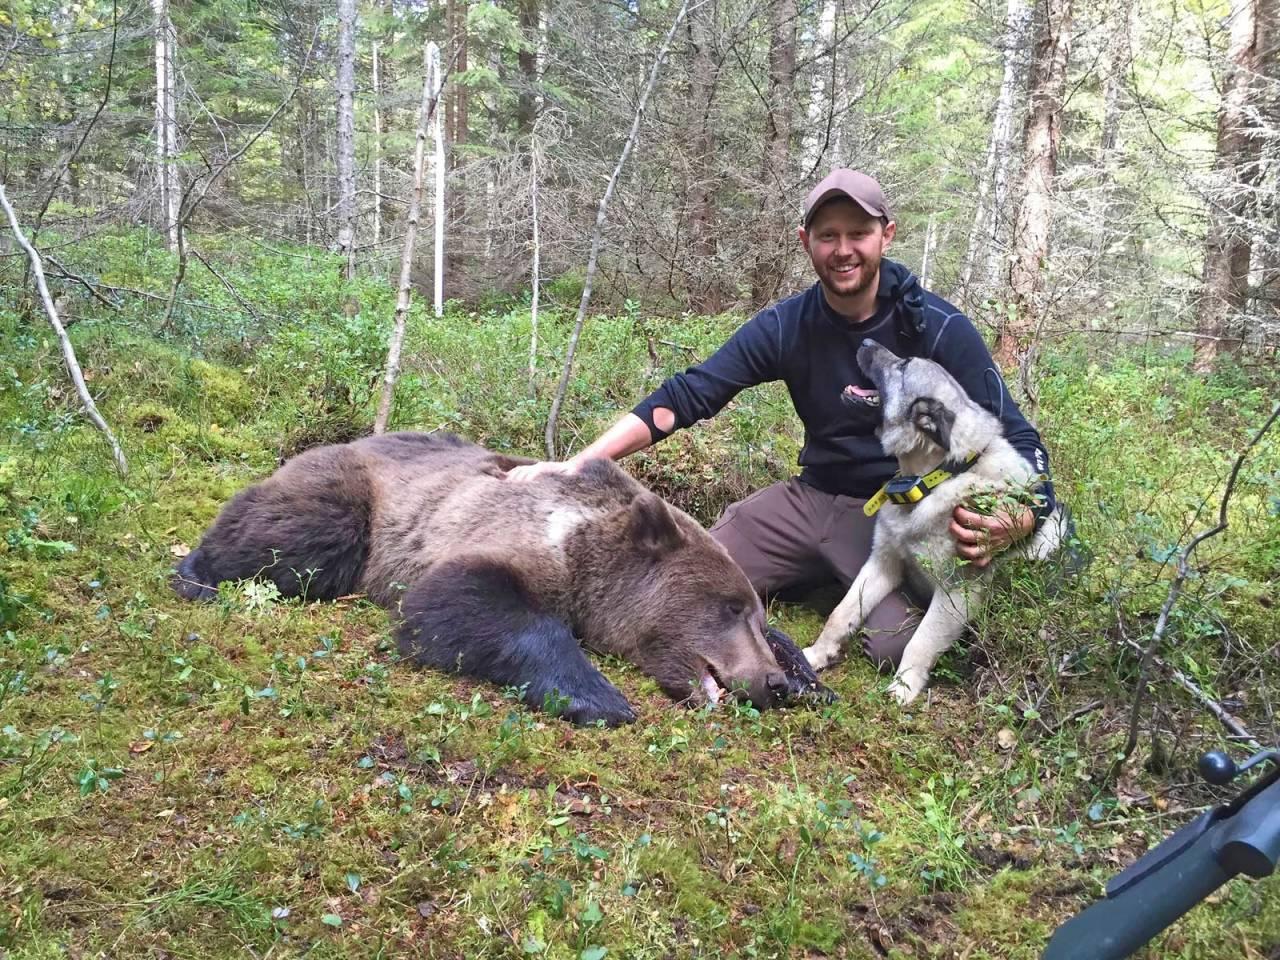 Fokus: Martin Brenne mener fokus og engasjement betyr alt når man skal trene inn en unghund på bjørn. Her sammen med Grom etter vellykket jakt (foto: Martin Brenne)